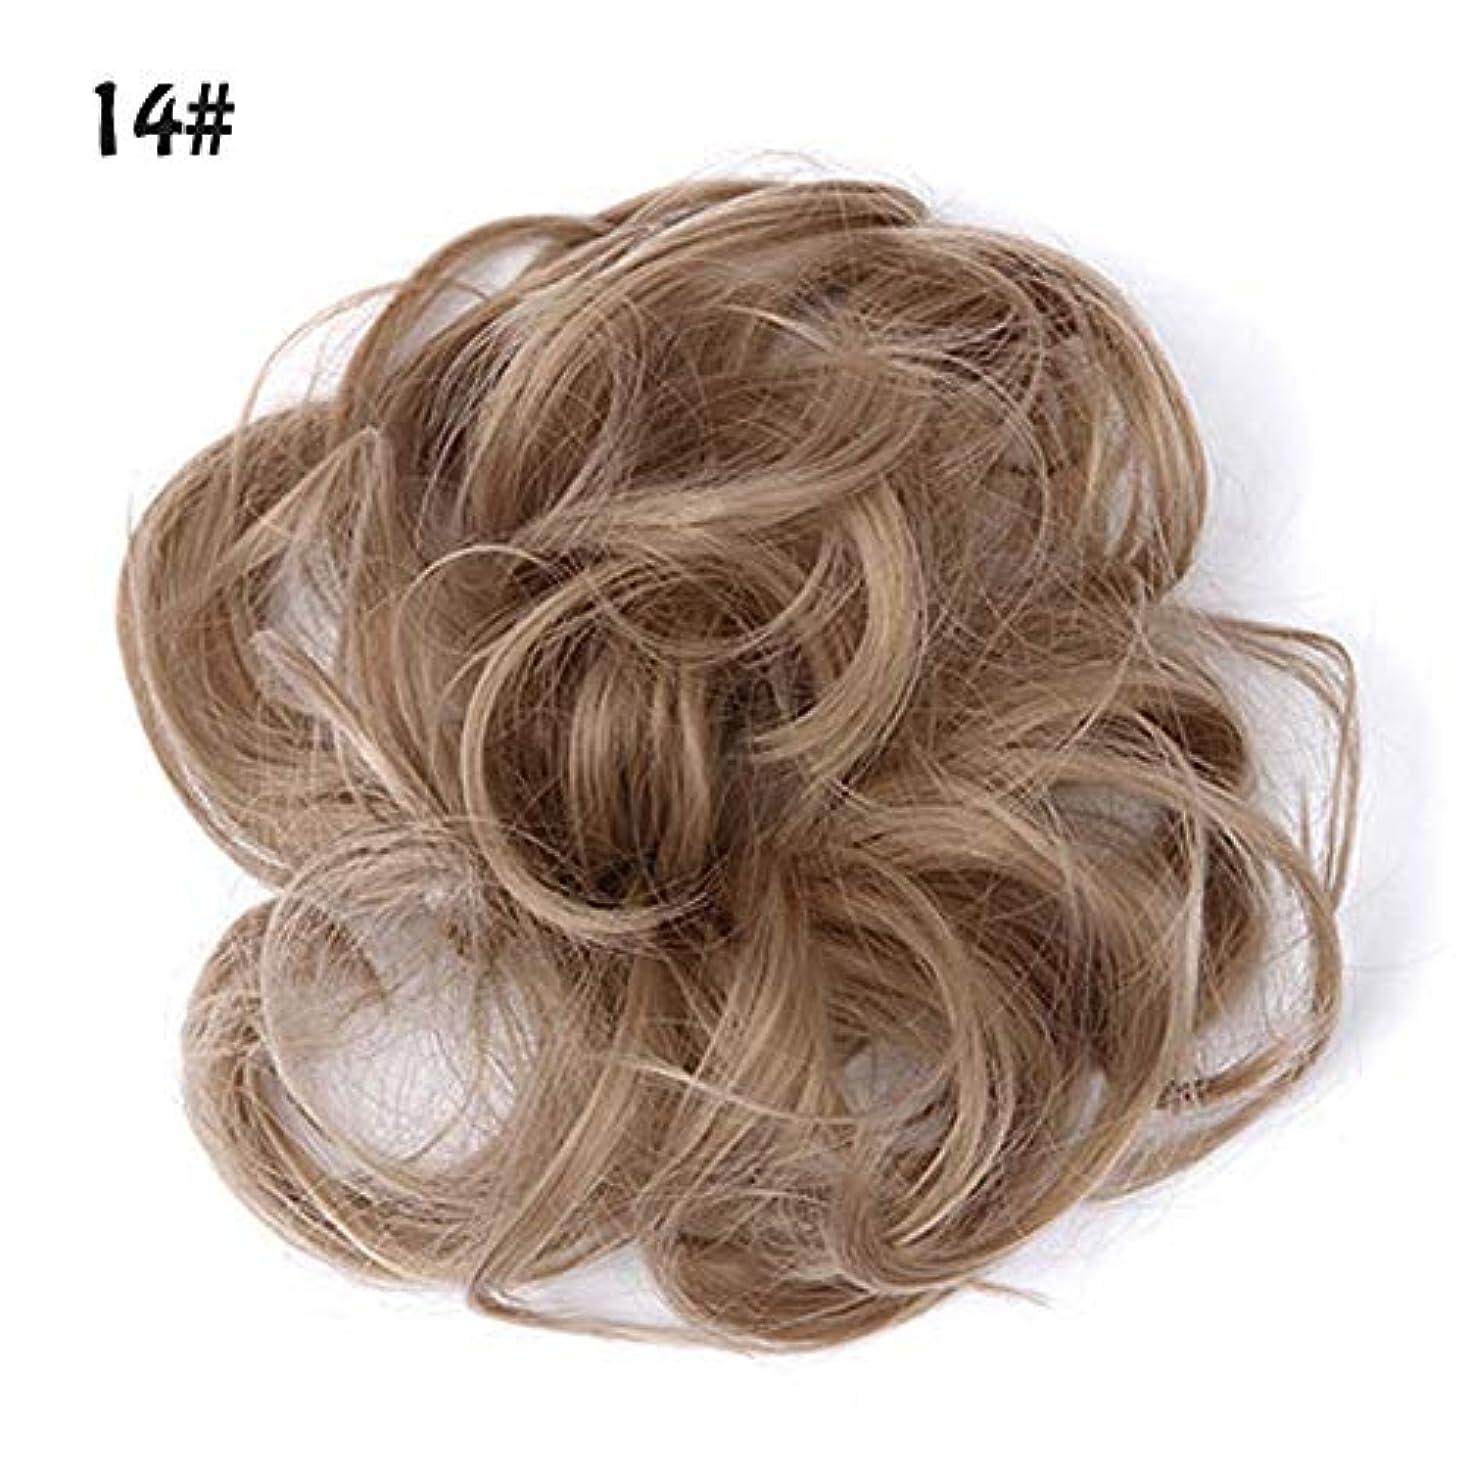 反射チャールズキージング酸素乱雑な髪のお団子シュシュの拡張機能、ポニーテールシニョンドーナツアップ、女性用カーリー波状リボンアクセサリー